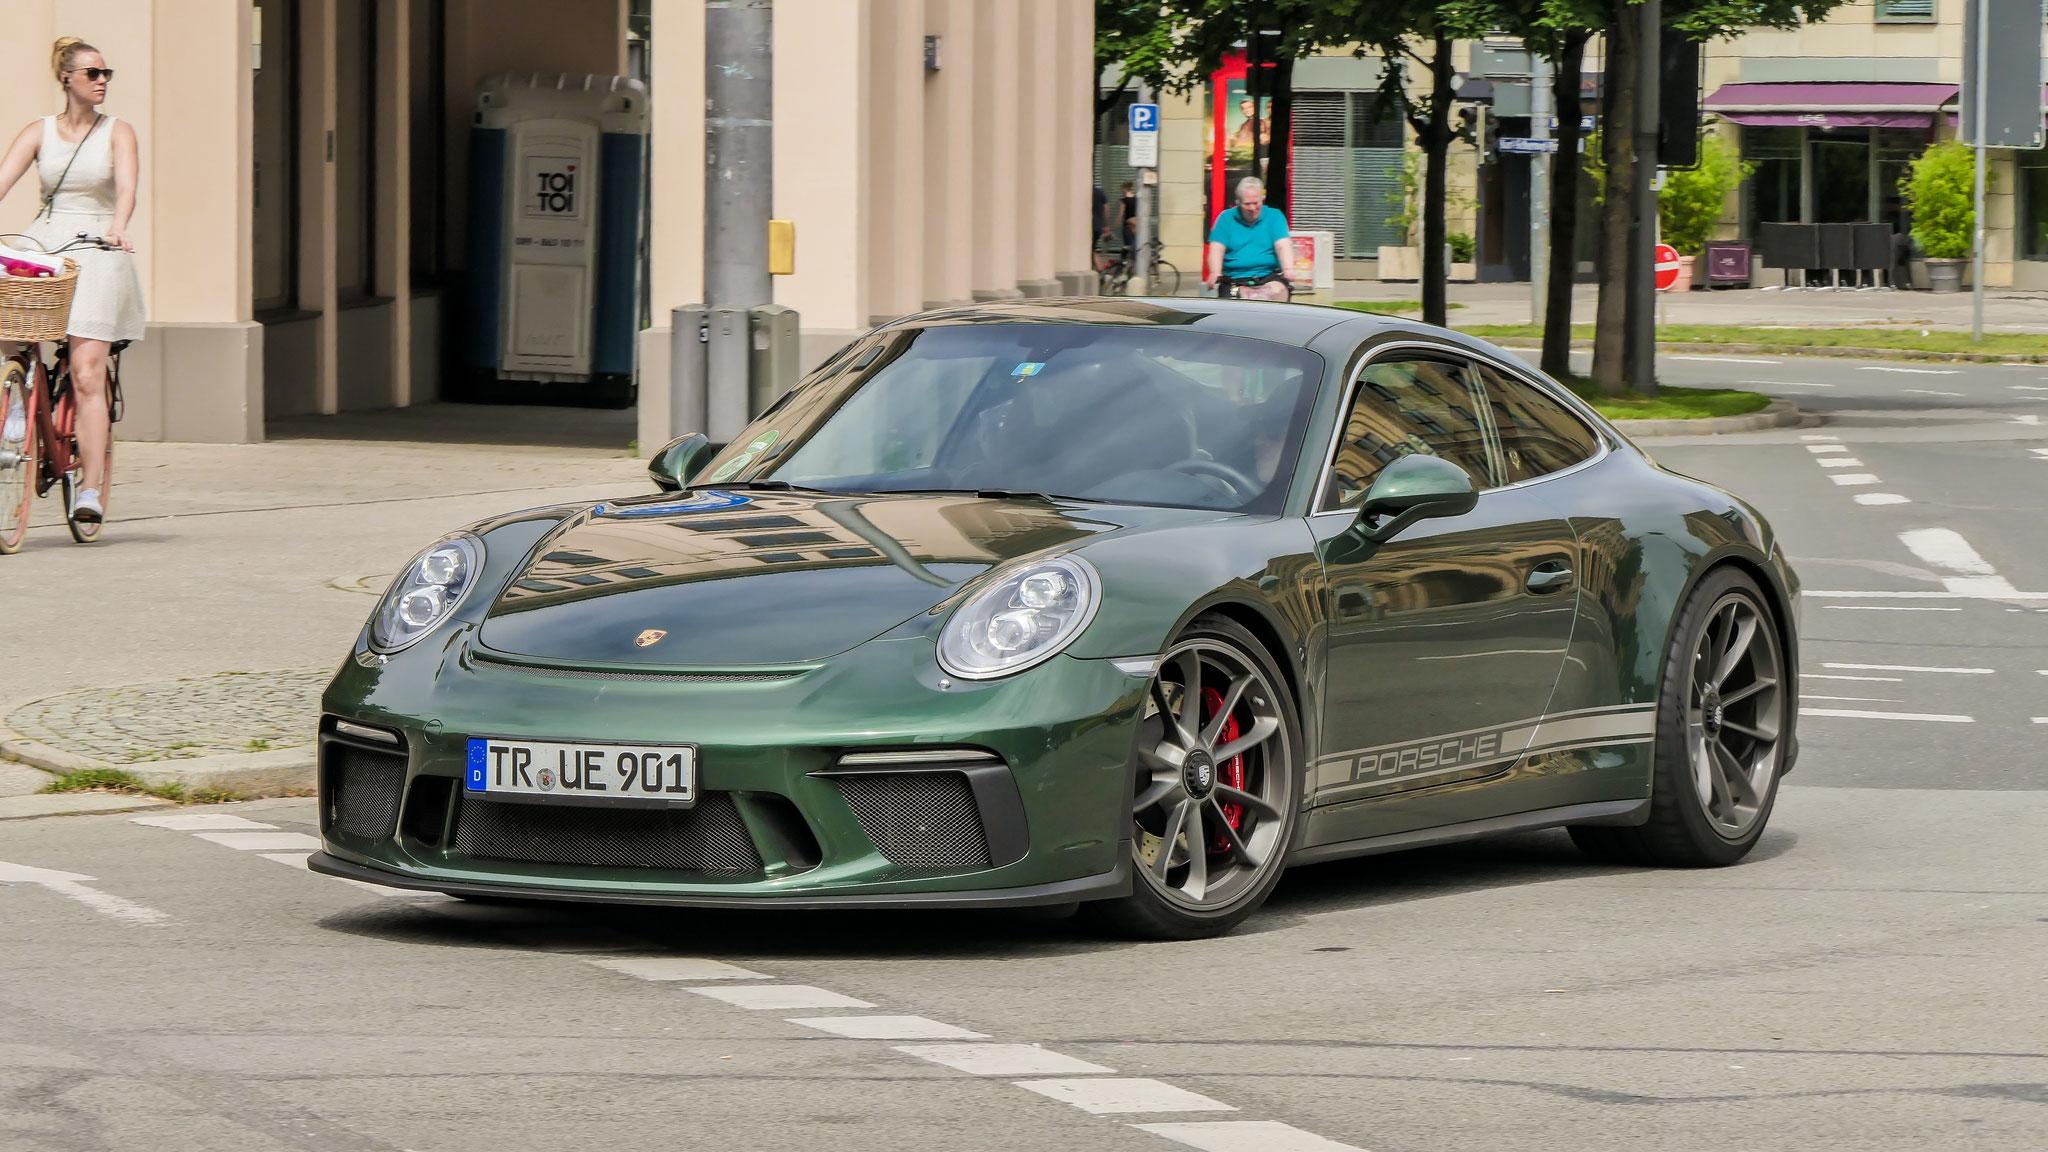 Porsche 991 GT3 Touring Package - TR-UE-901